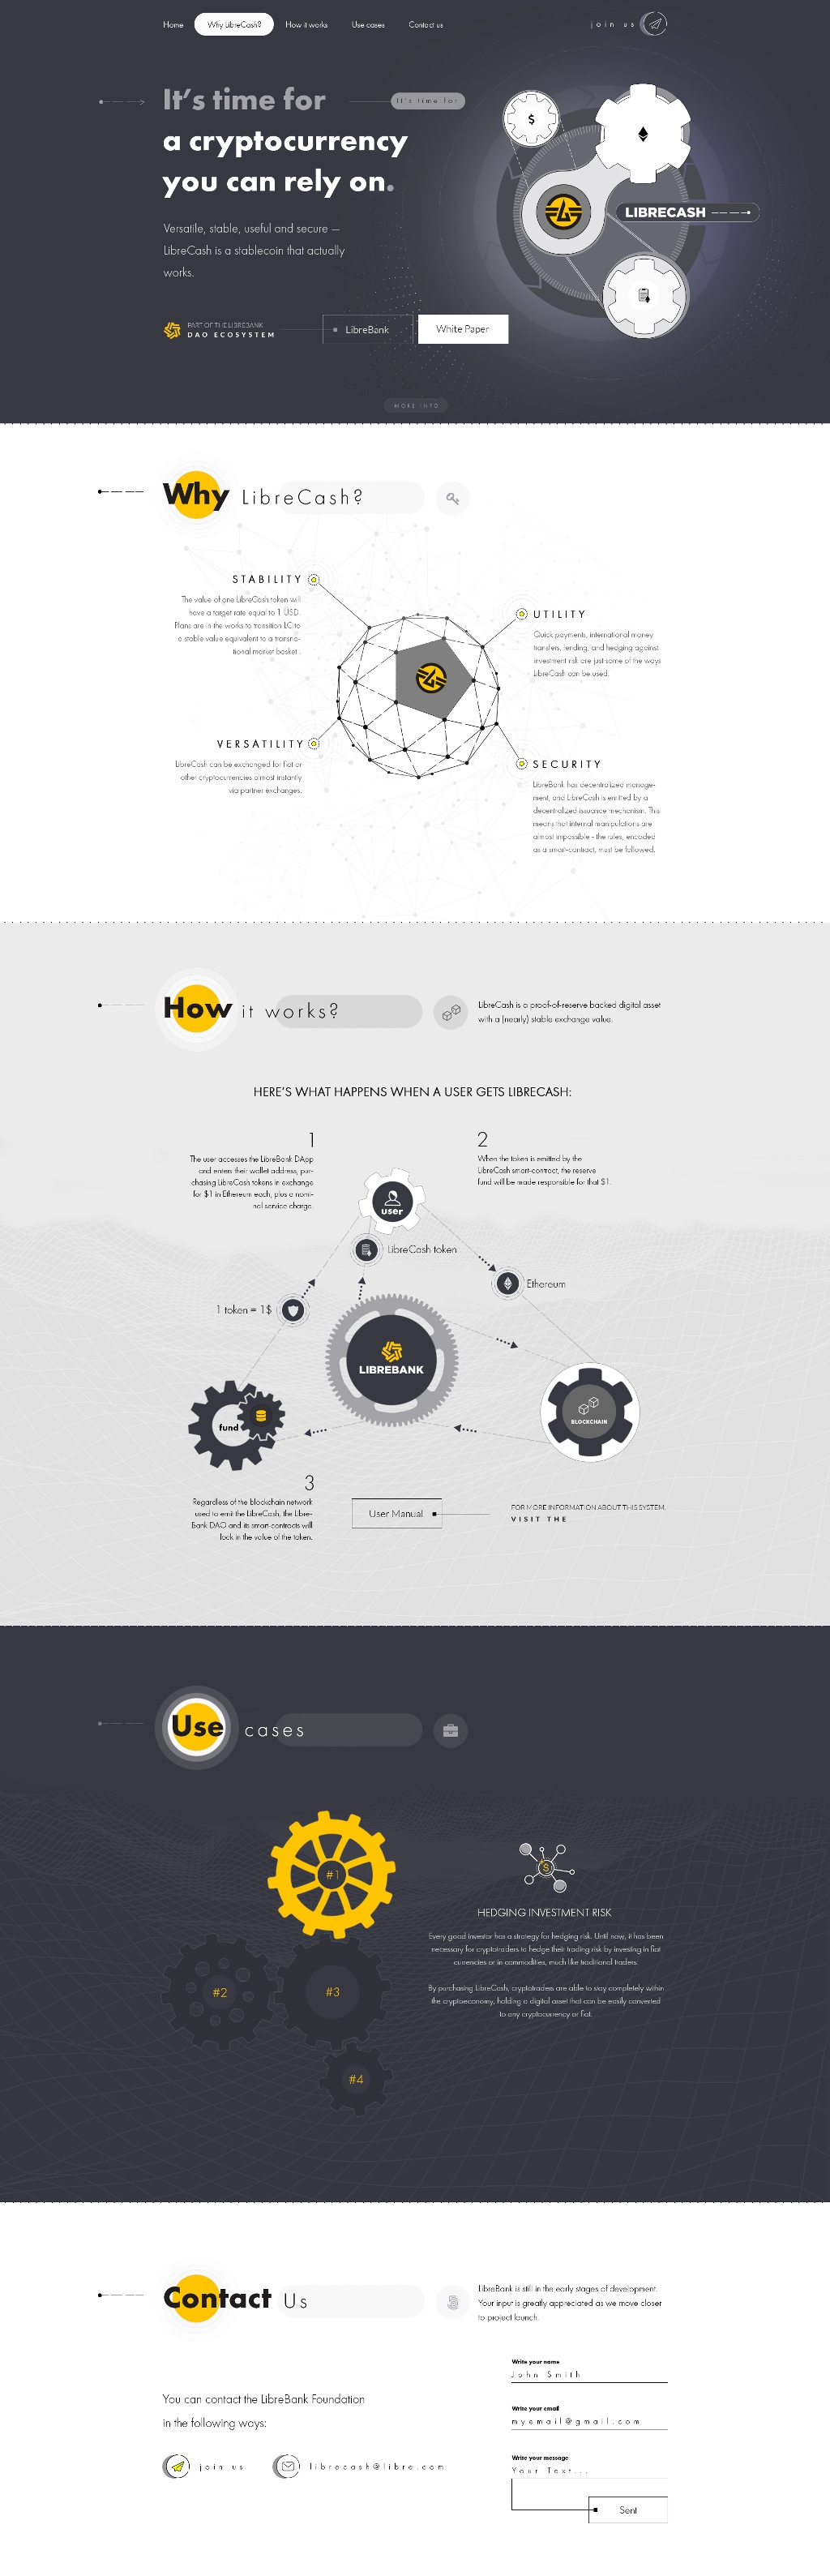 Landing Page для проведения ICO (Фонд LibreCash)